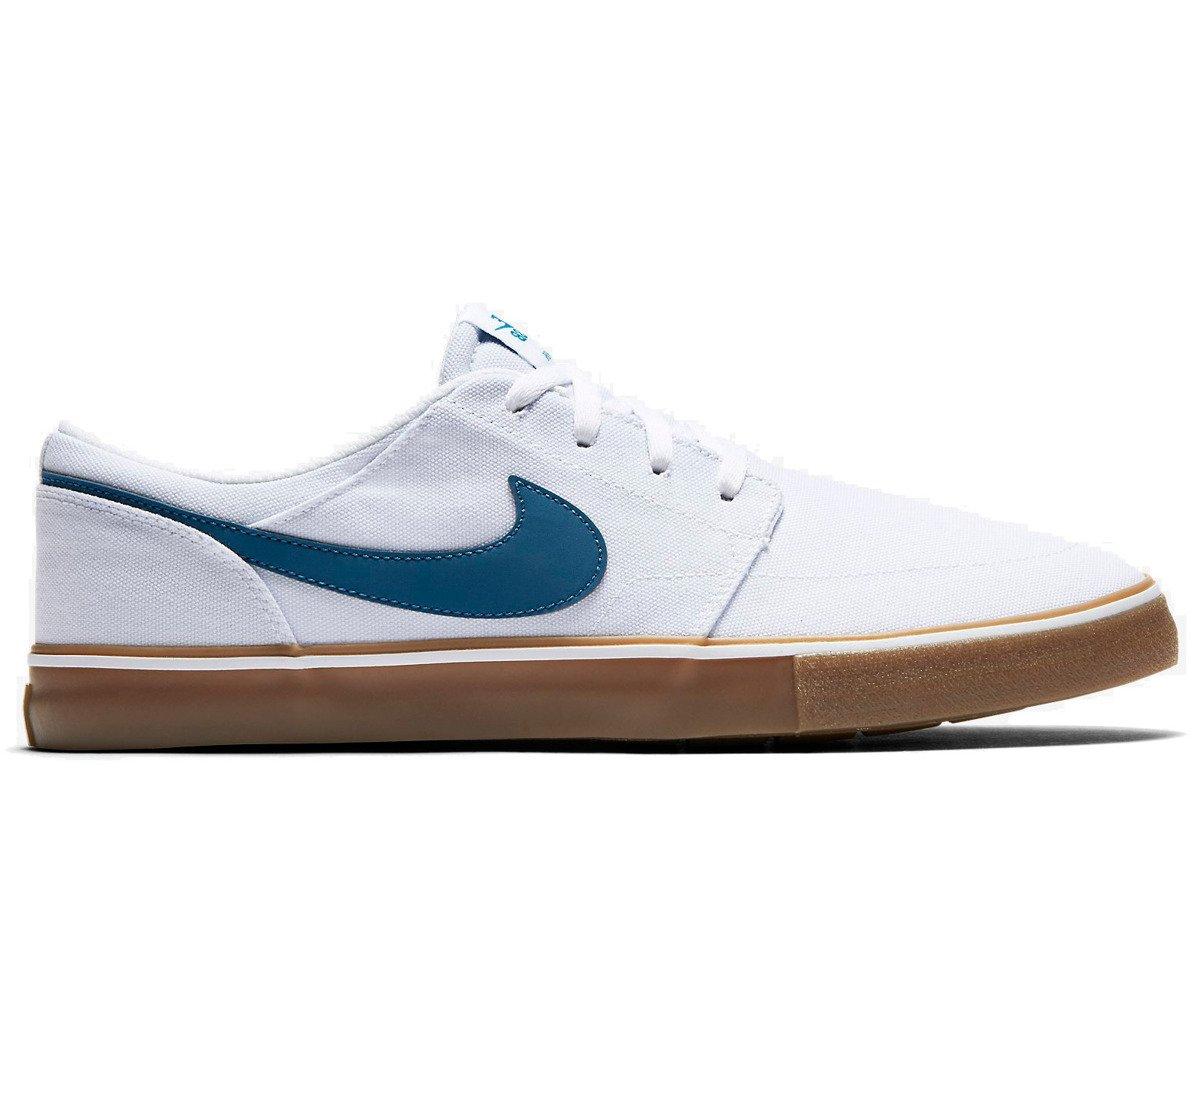 Miniramp Skateshop Buty Nike Sb Check Solarsoft Port More